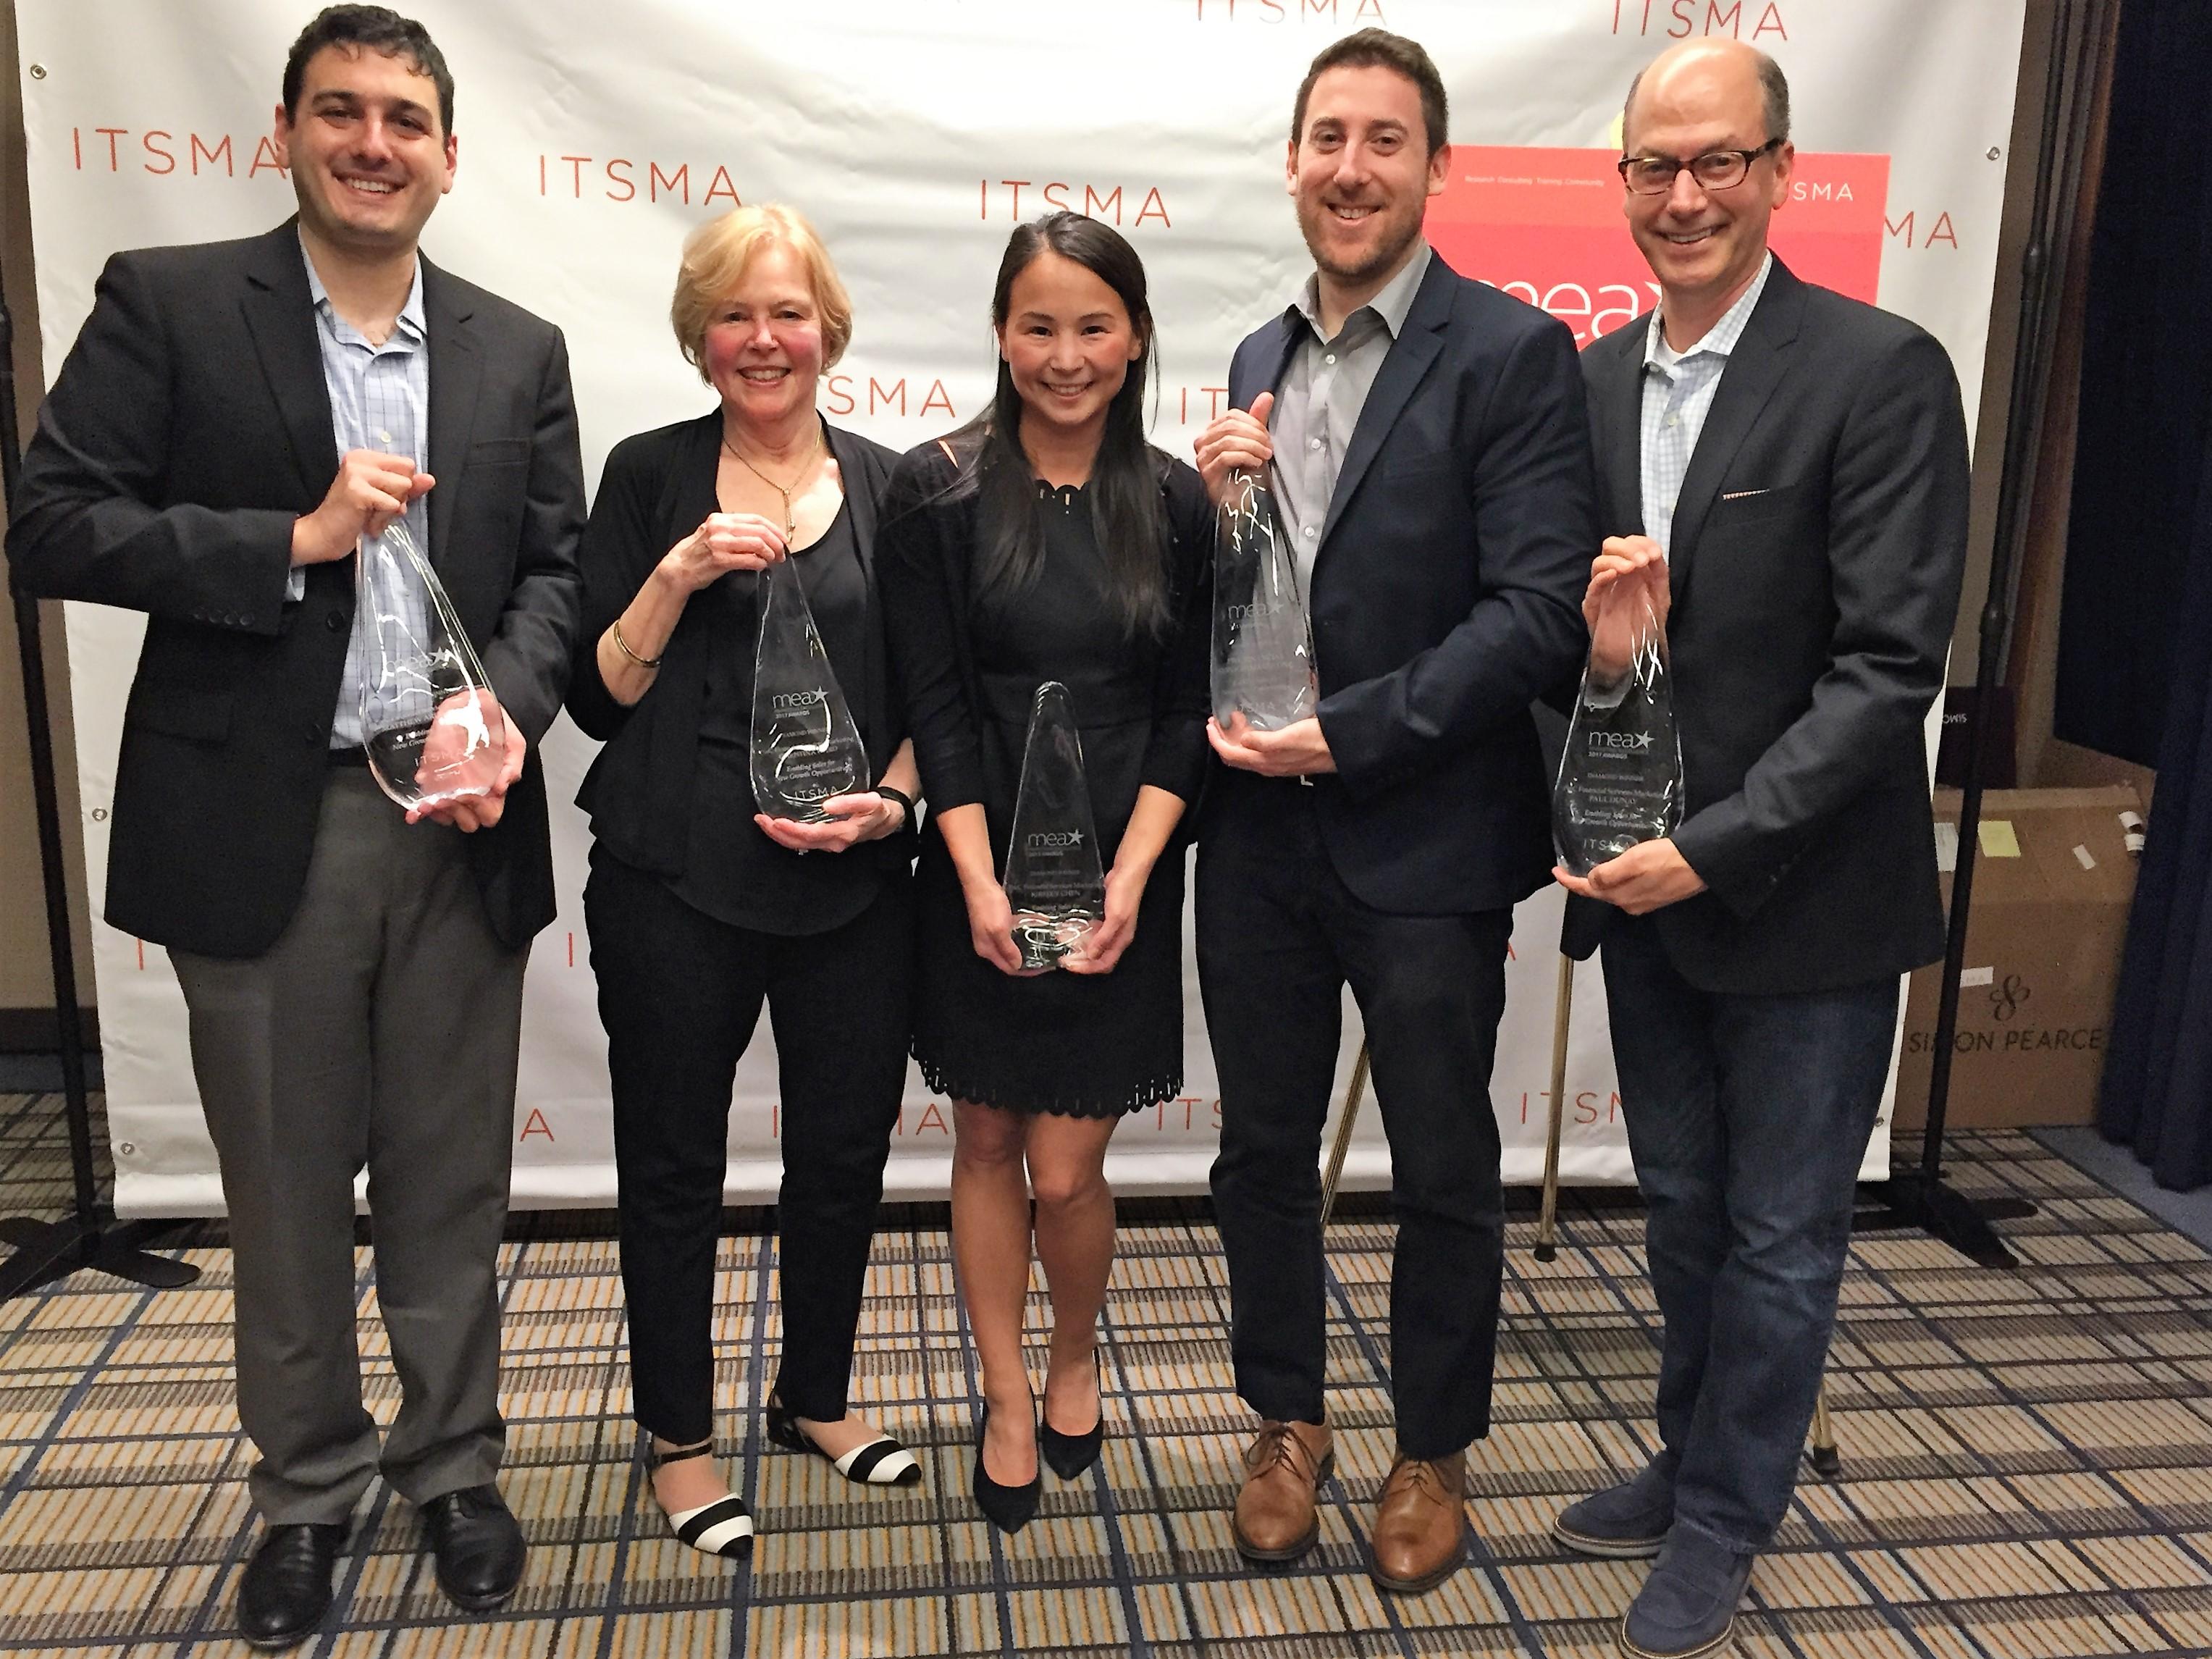 Paul Dunay ITSMA Marketing Awards 2017